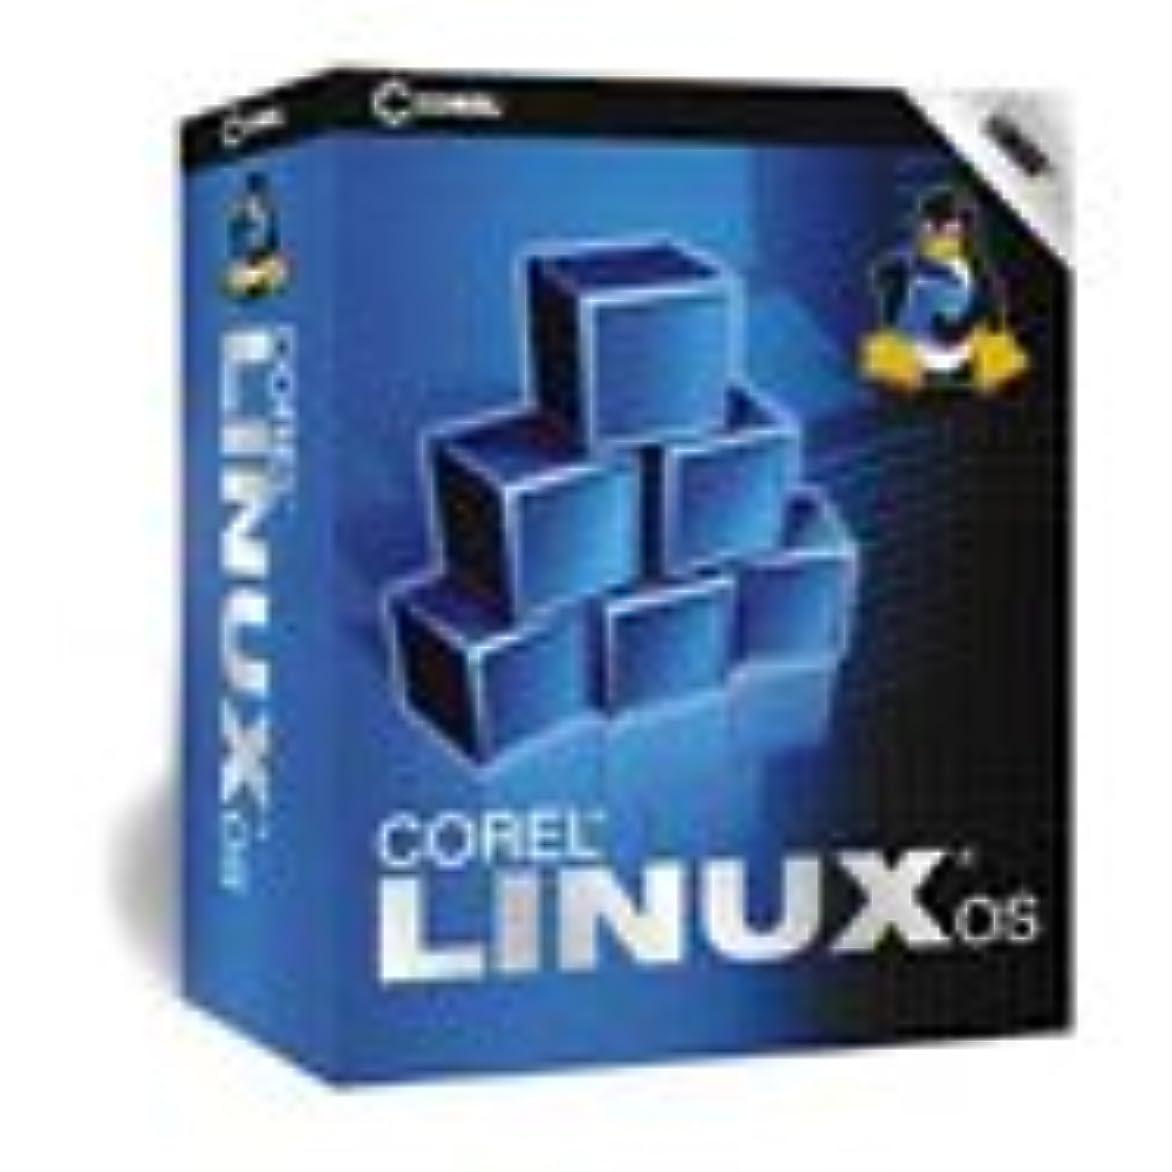 郵便物継続中壁紙Corel Linux 英語版